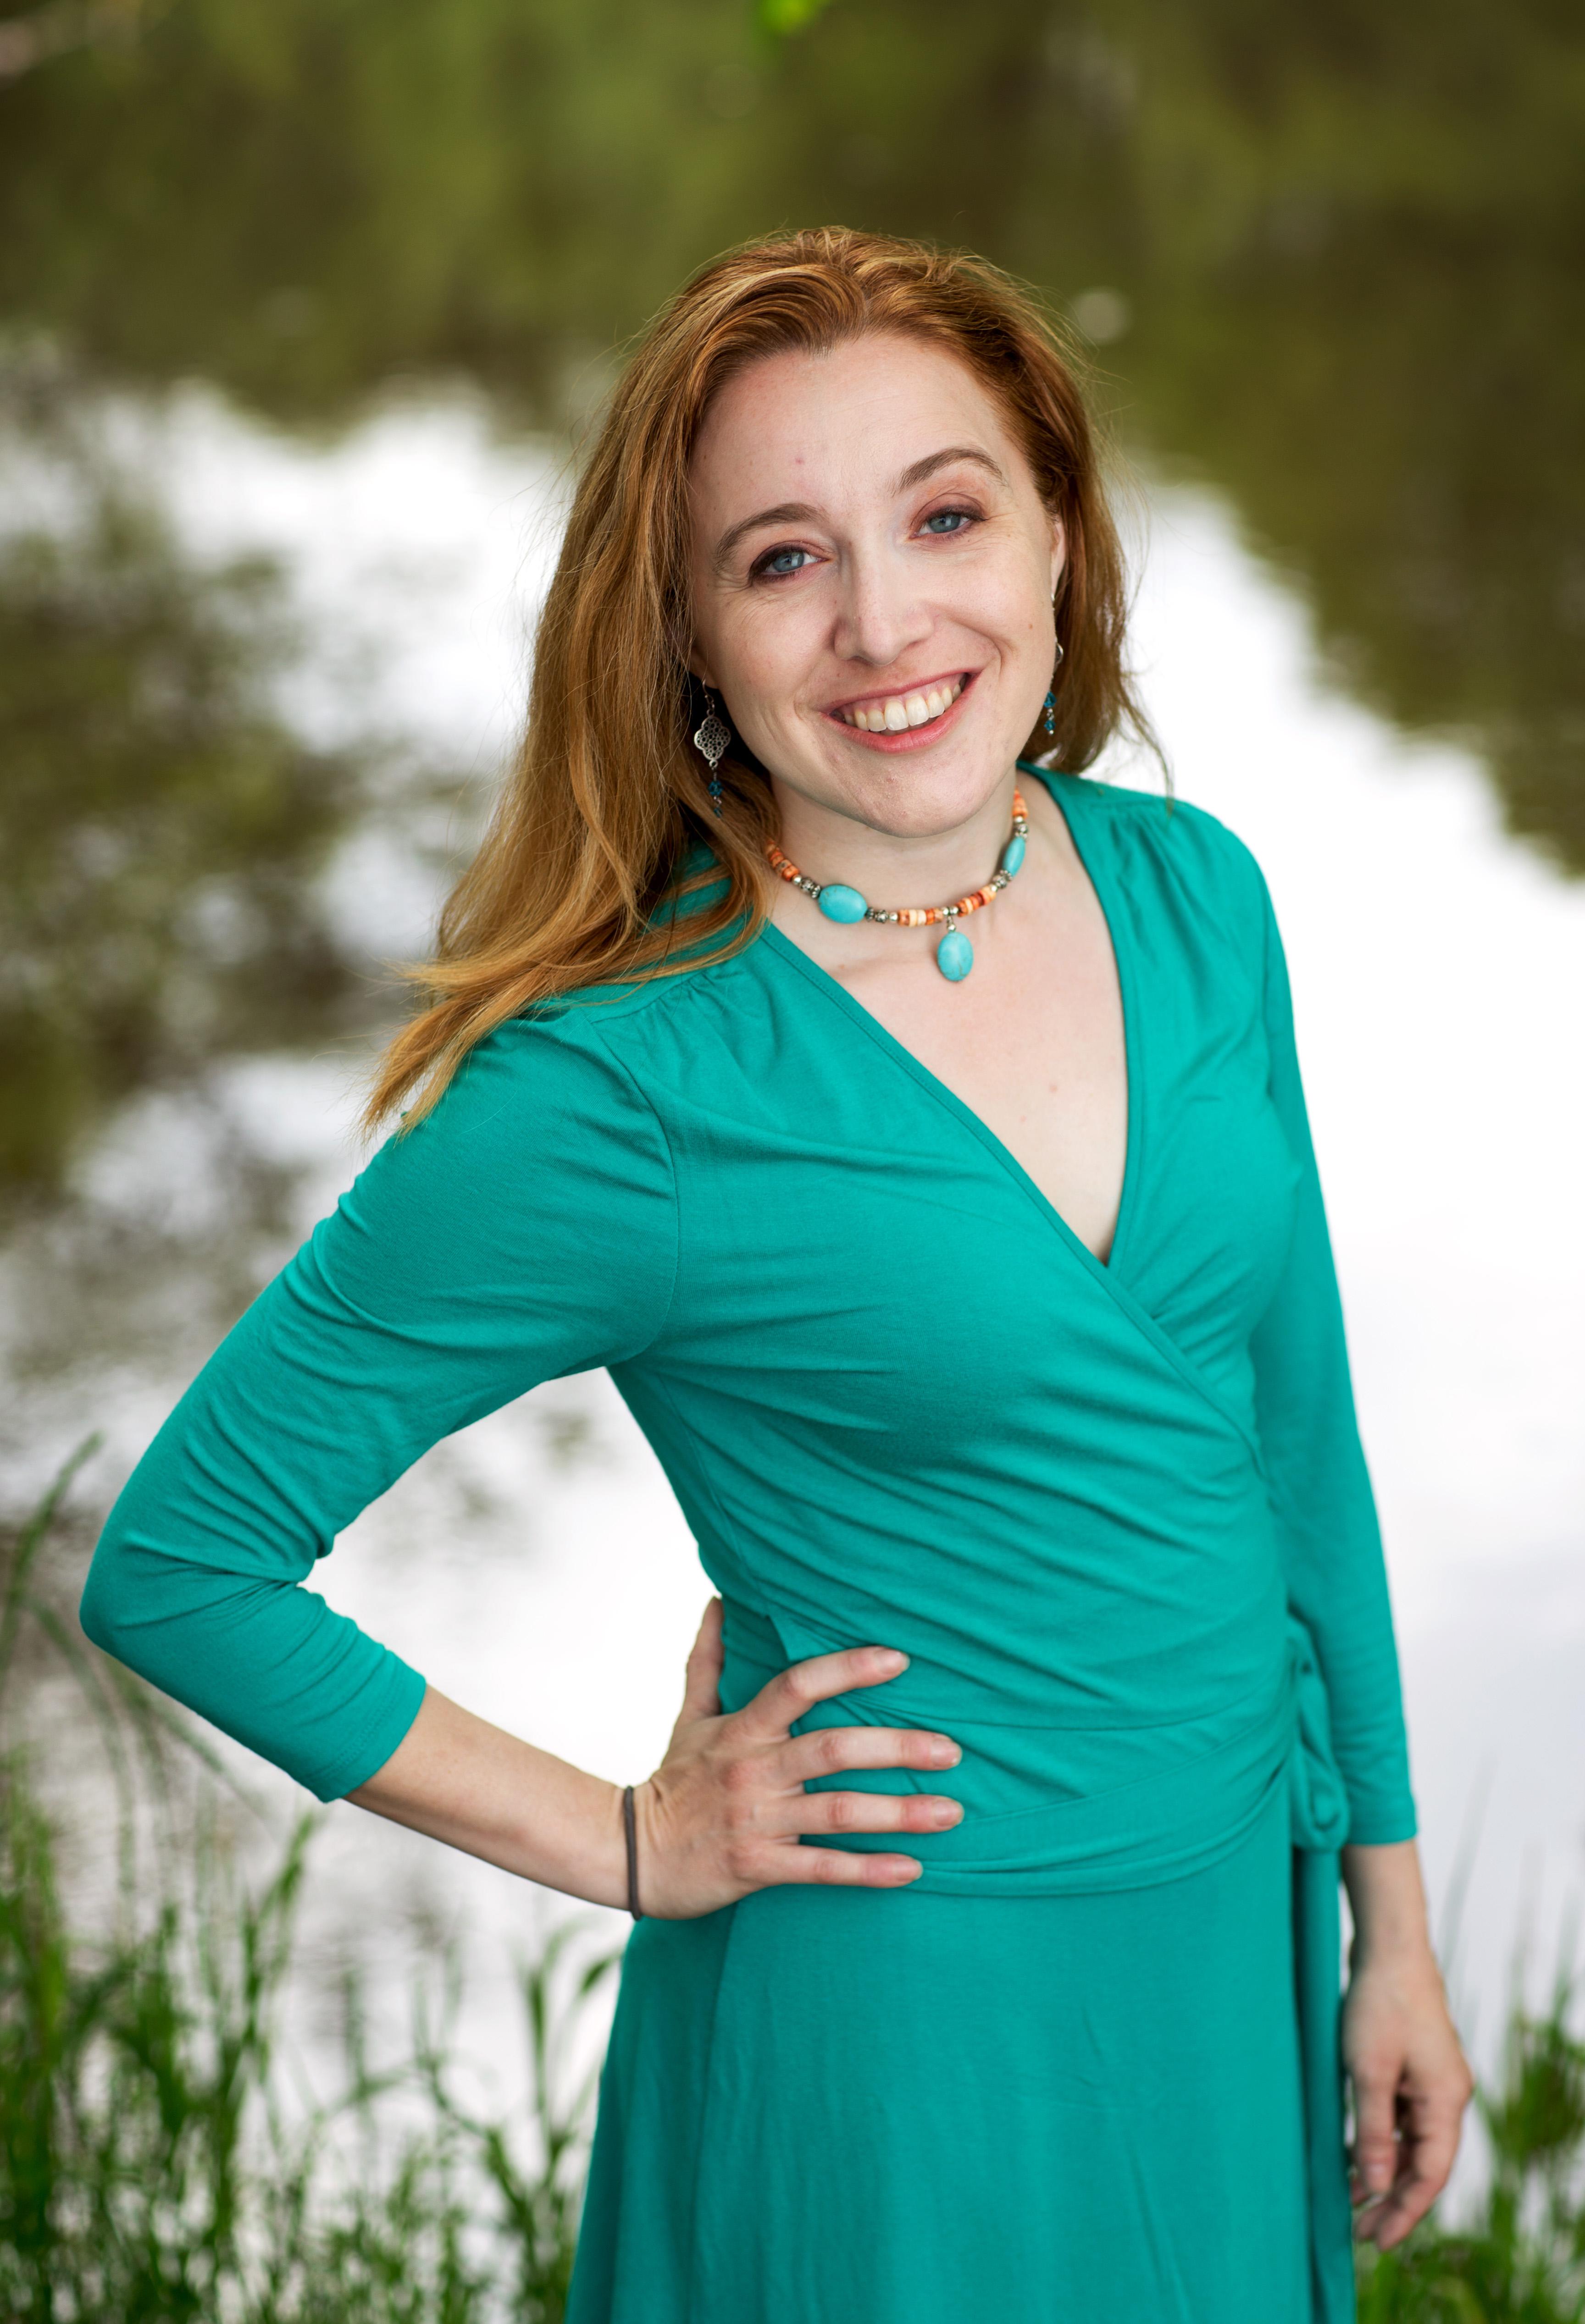 Katie #1 Vert